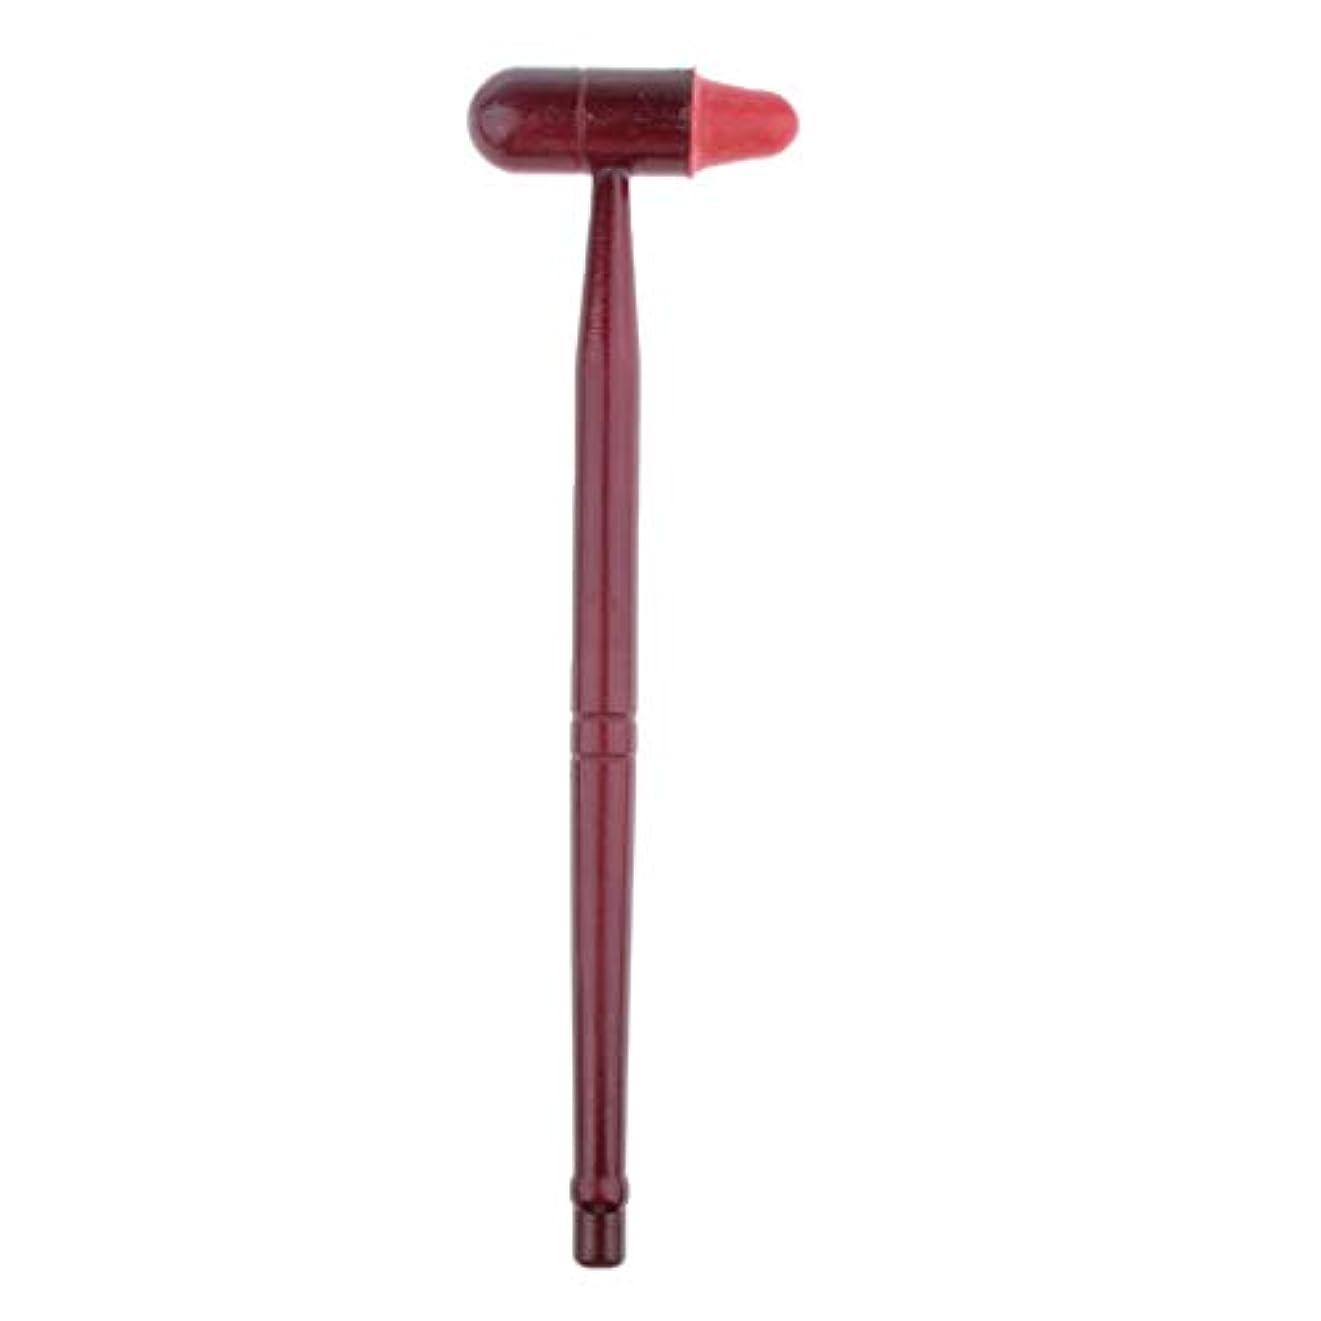 適応密輸便益IPOTCH 木製 マッサージハンマー 肩たたき棒 ツボ押し ノックハンマー 痛みや疲労を緩和 健康 ツボ押し